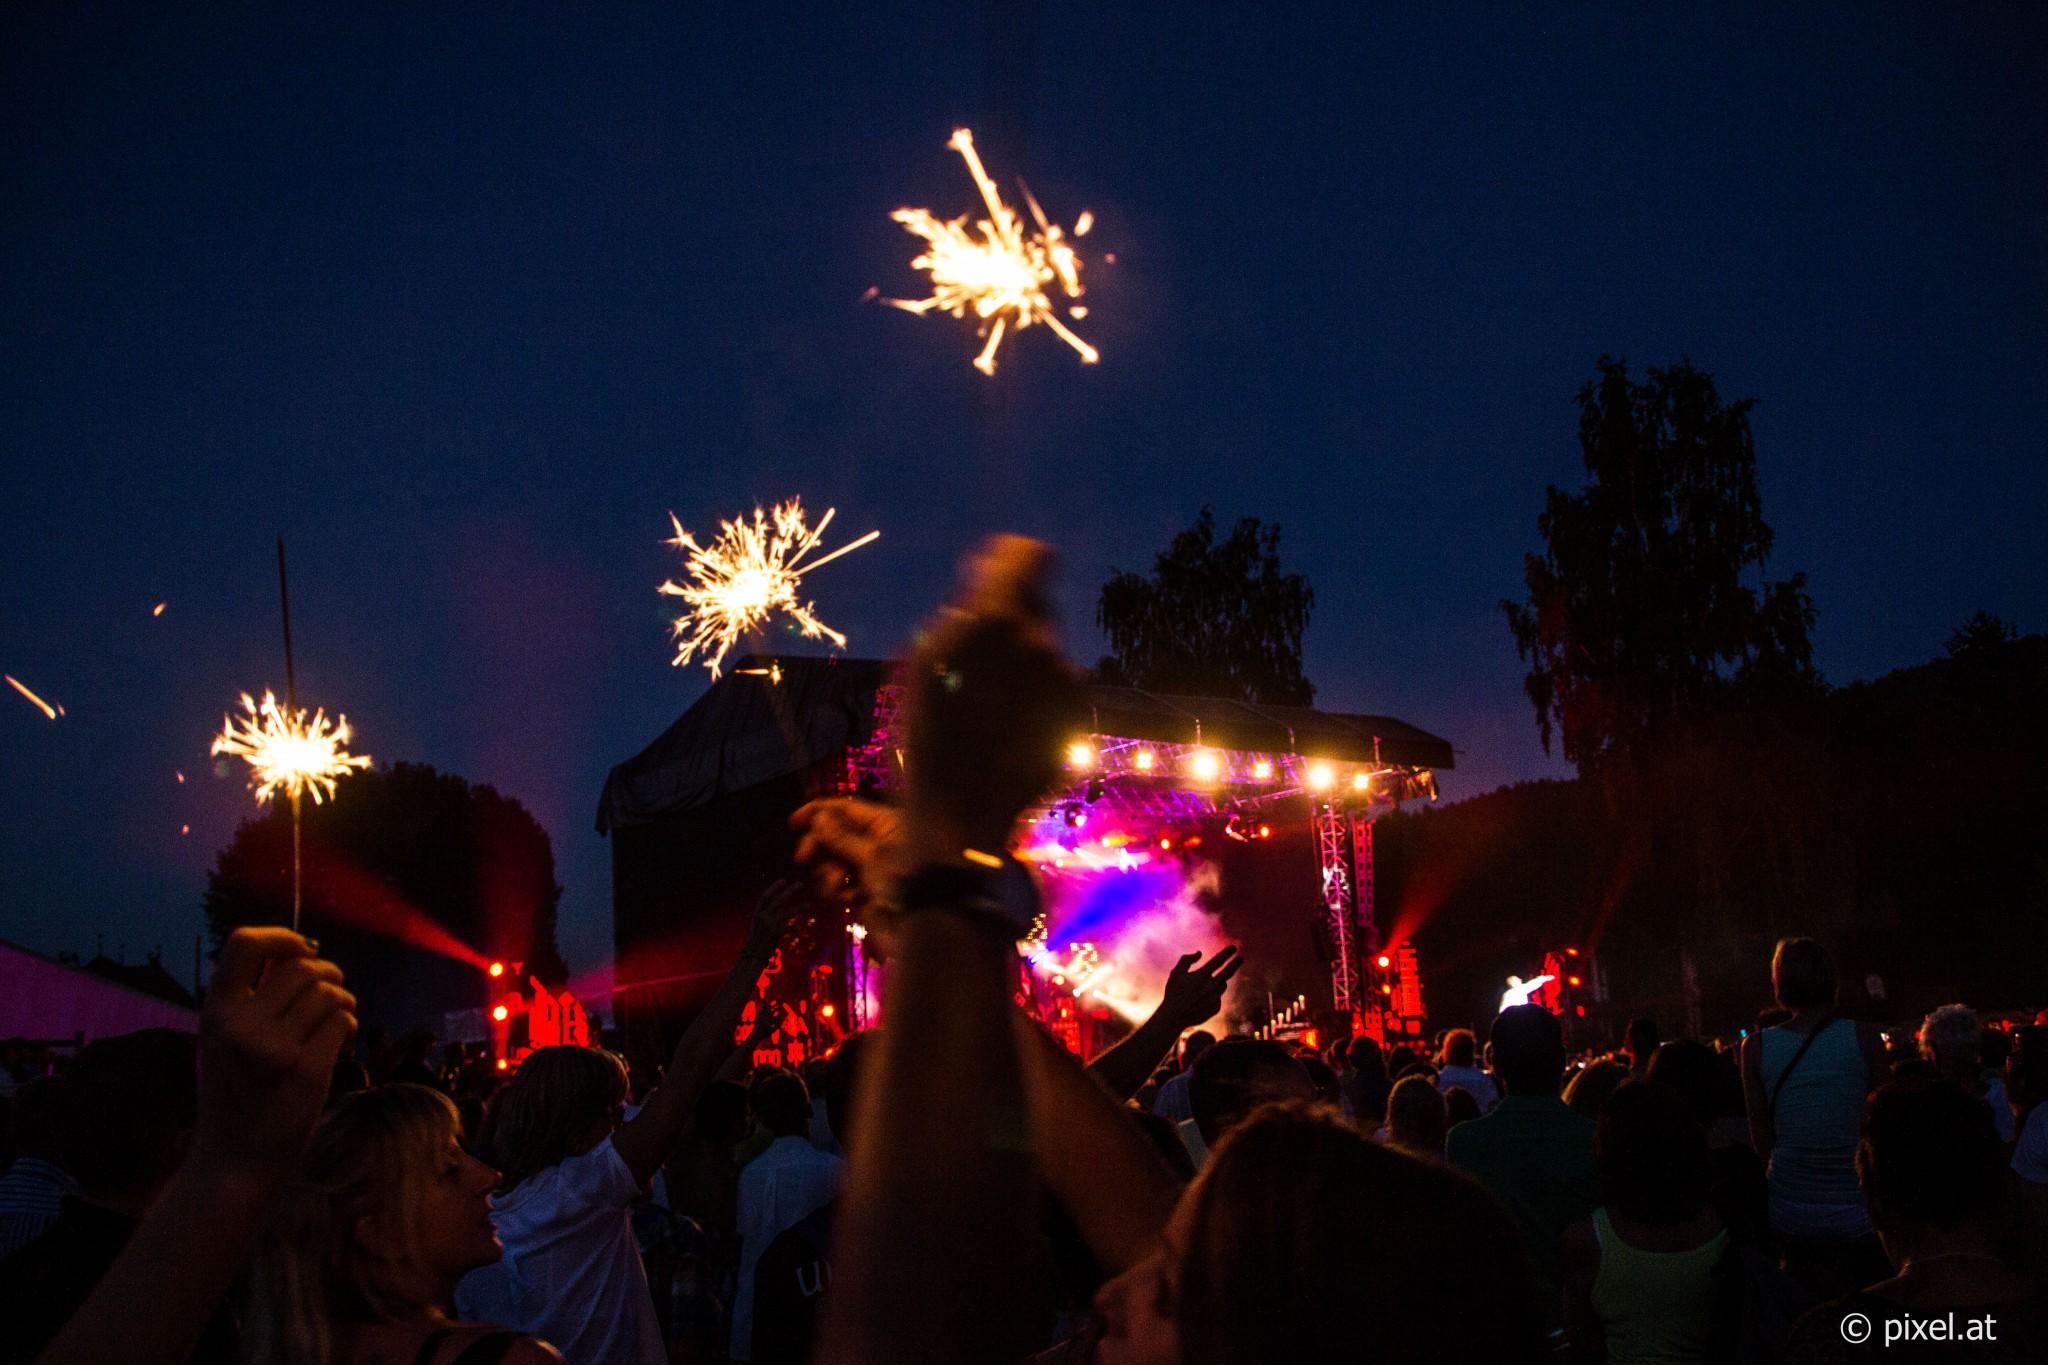 Das Konzert in Reifnitz am schönen Wörthersee wird sicher wieder ein unvergessliches Erlebnis